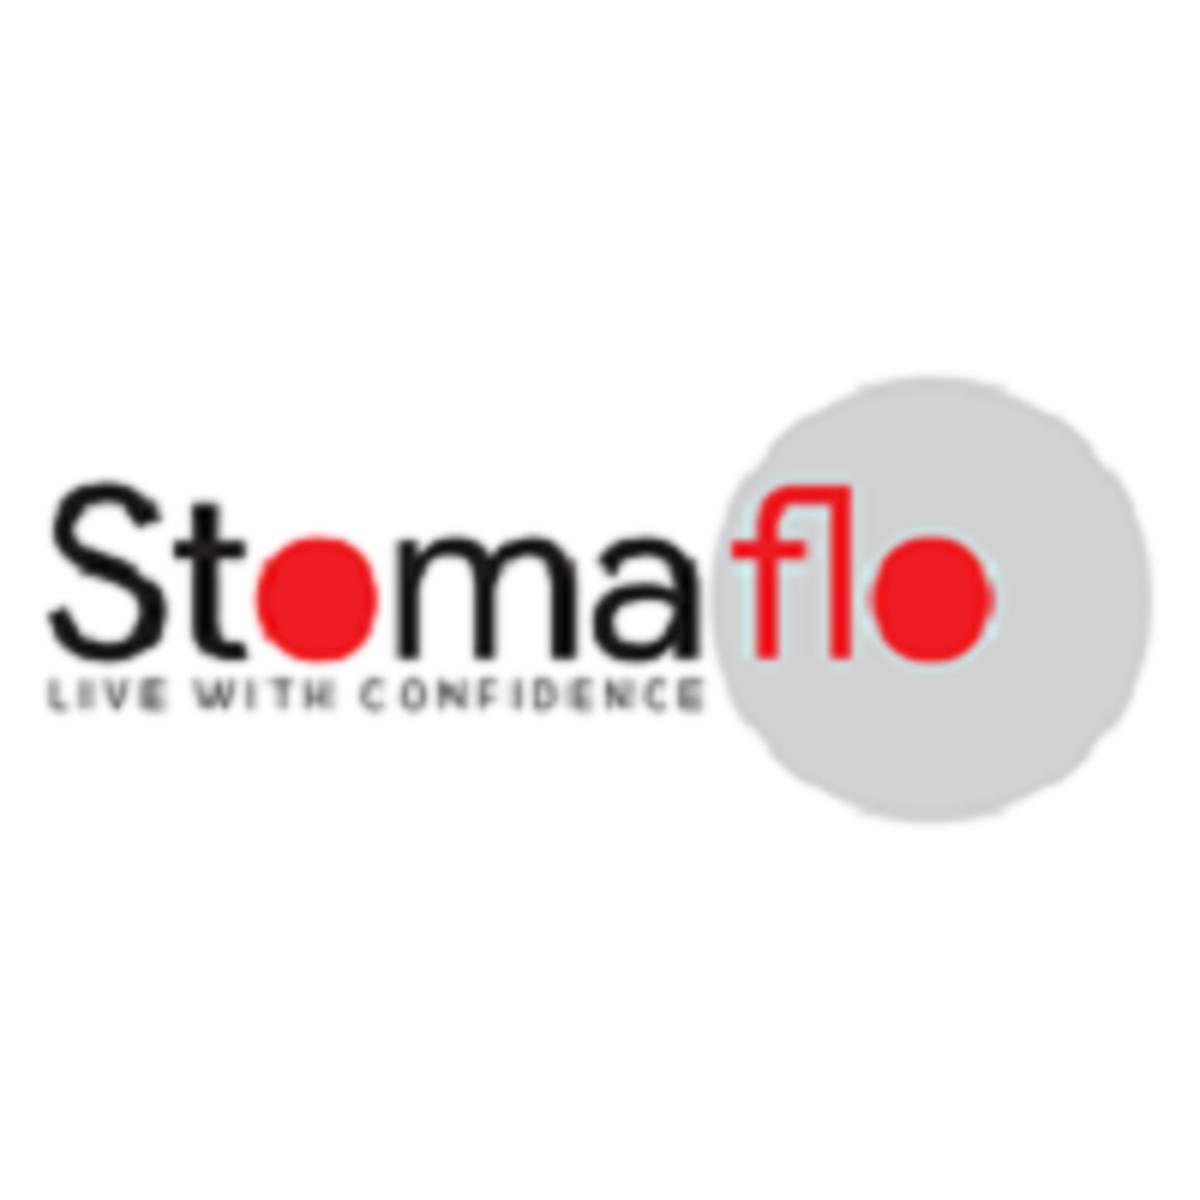 Stomaflo logo